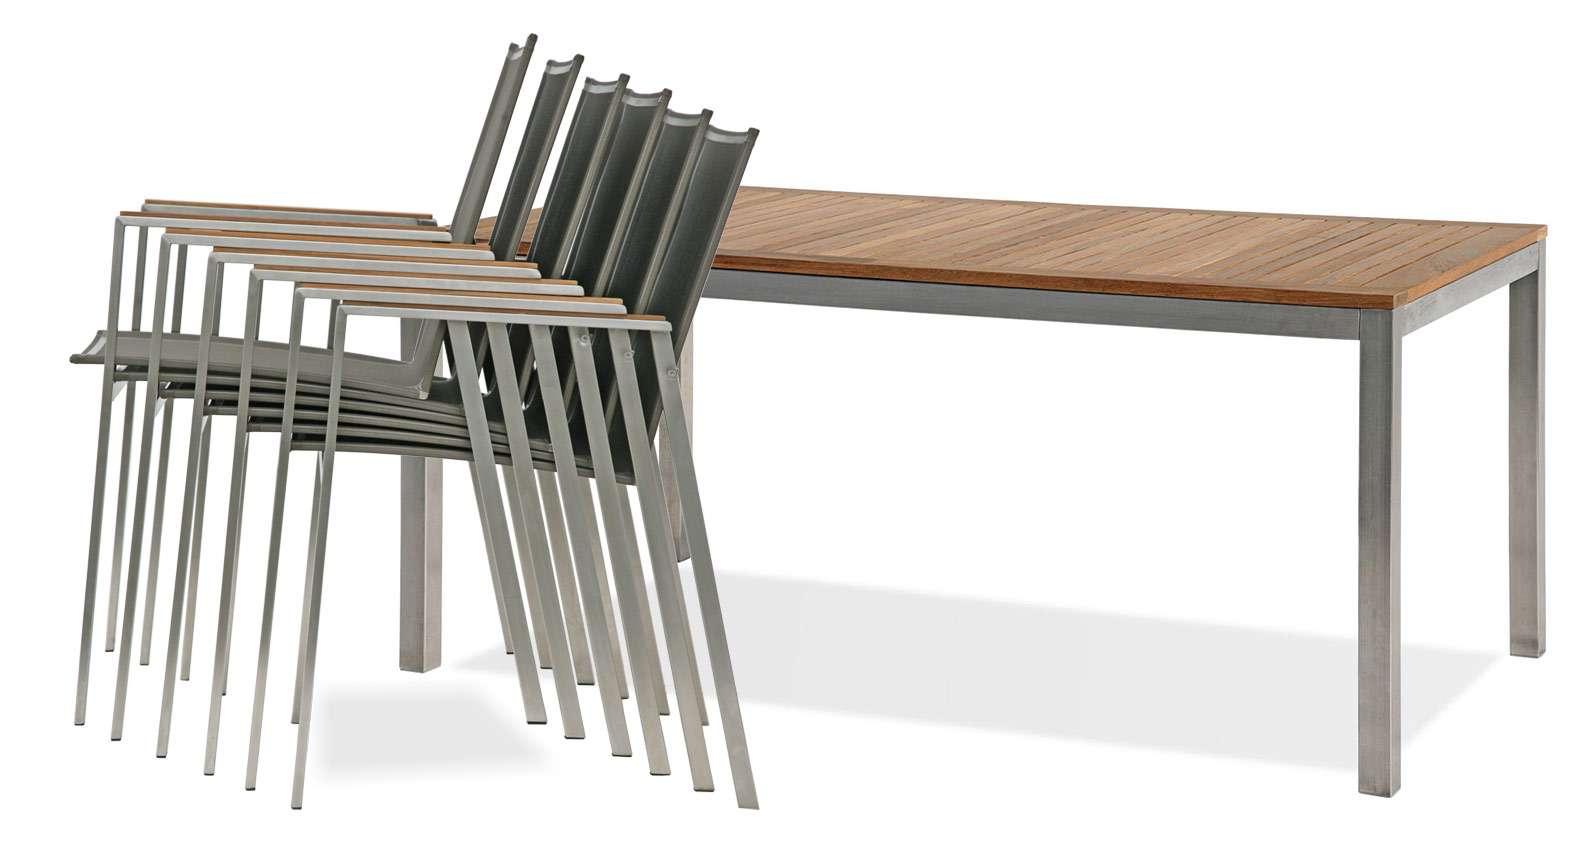 Edelstahl Sets mit 4 oder 6 Stühlen | Edelstahl | Kombination ...